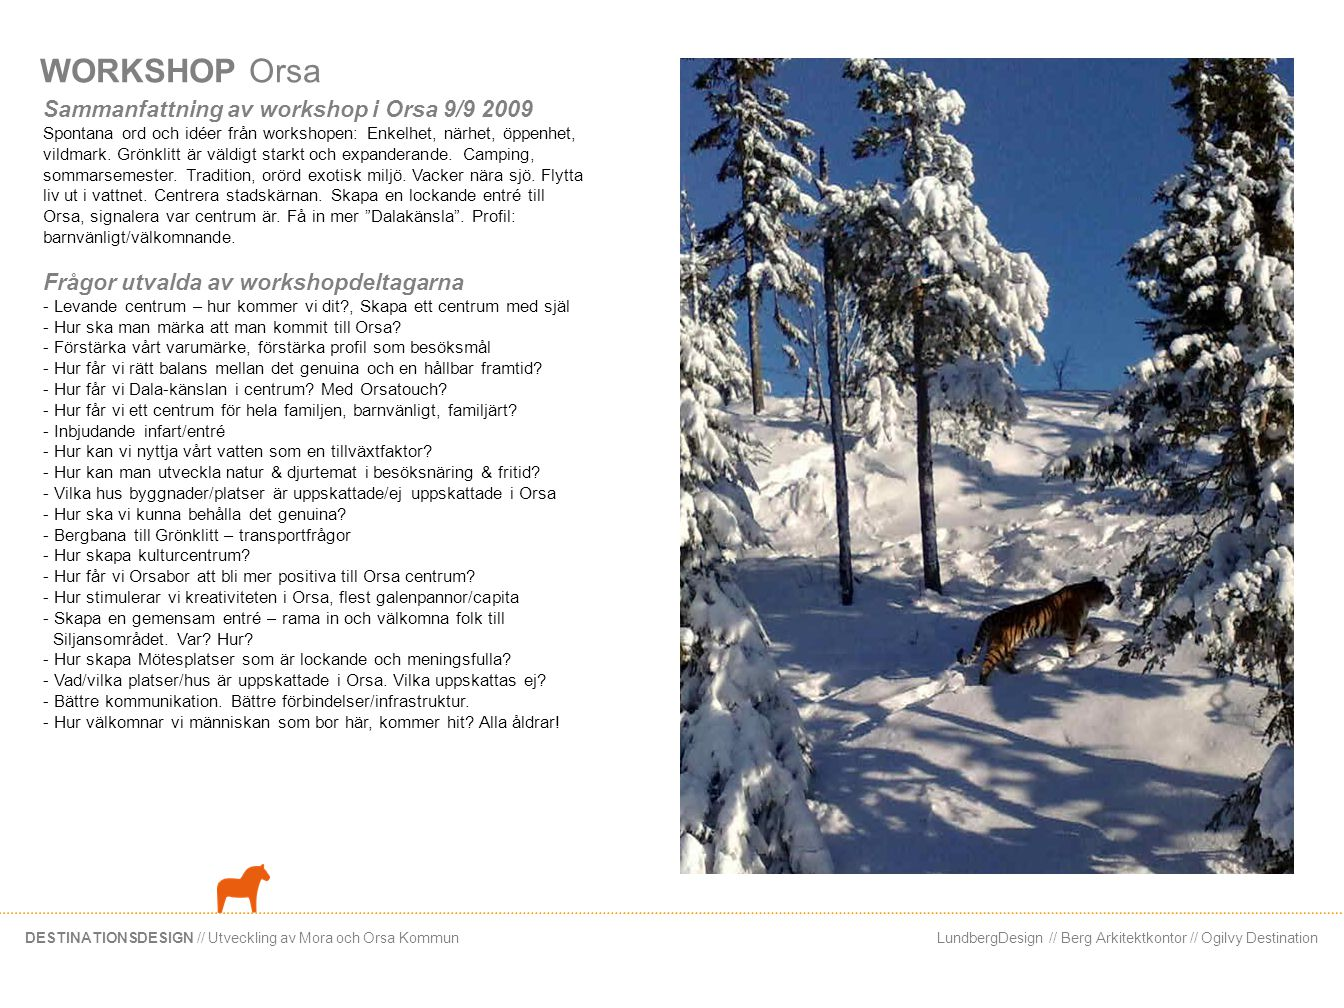 LundbergDesign // Berg Arkitektkontor // Ogilvy DestinationDESTINATIONSDESIGN // Utveckling av Mora och Orsa Kommun WORKSHOP Orsa Sammanfattning av wo